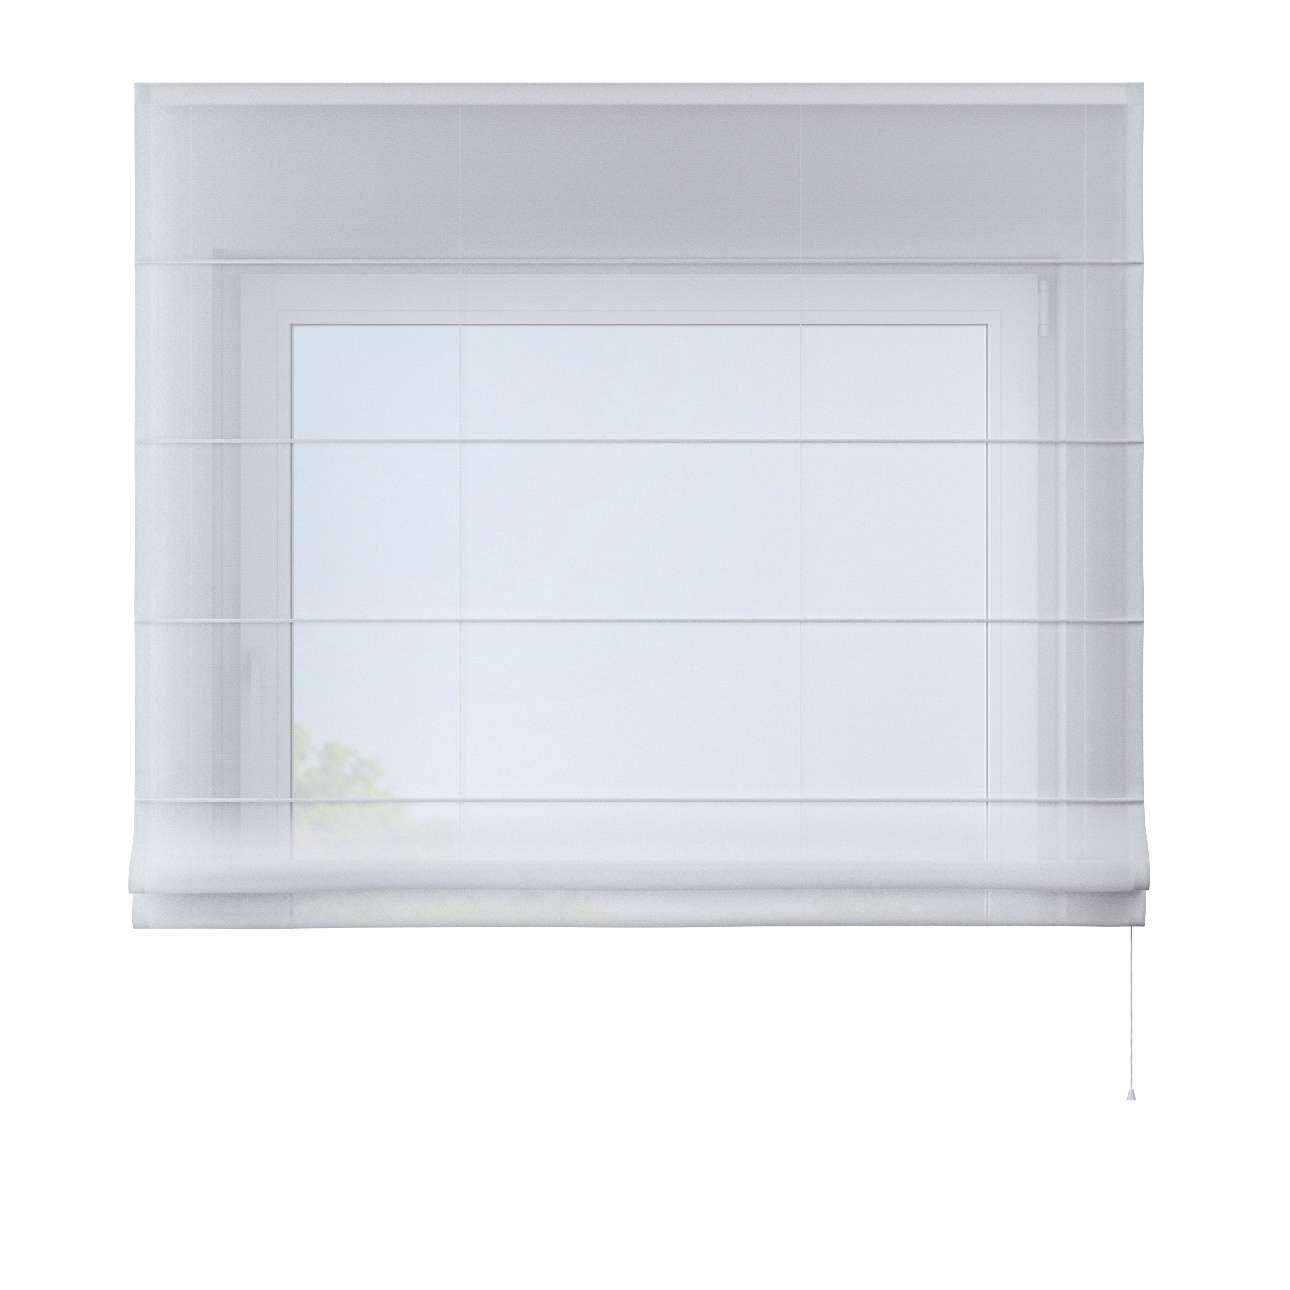 Foldegardin Siena<br/>Uden flæsekant 100 x 180 cm fra kollektionen Voile, Stof: 900-00